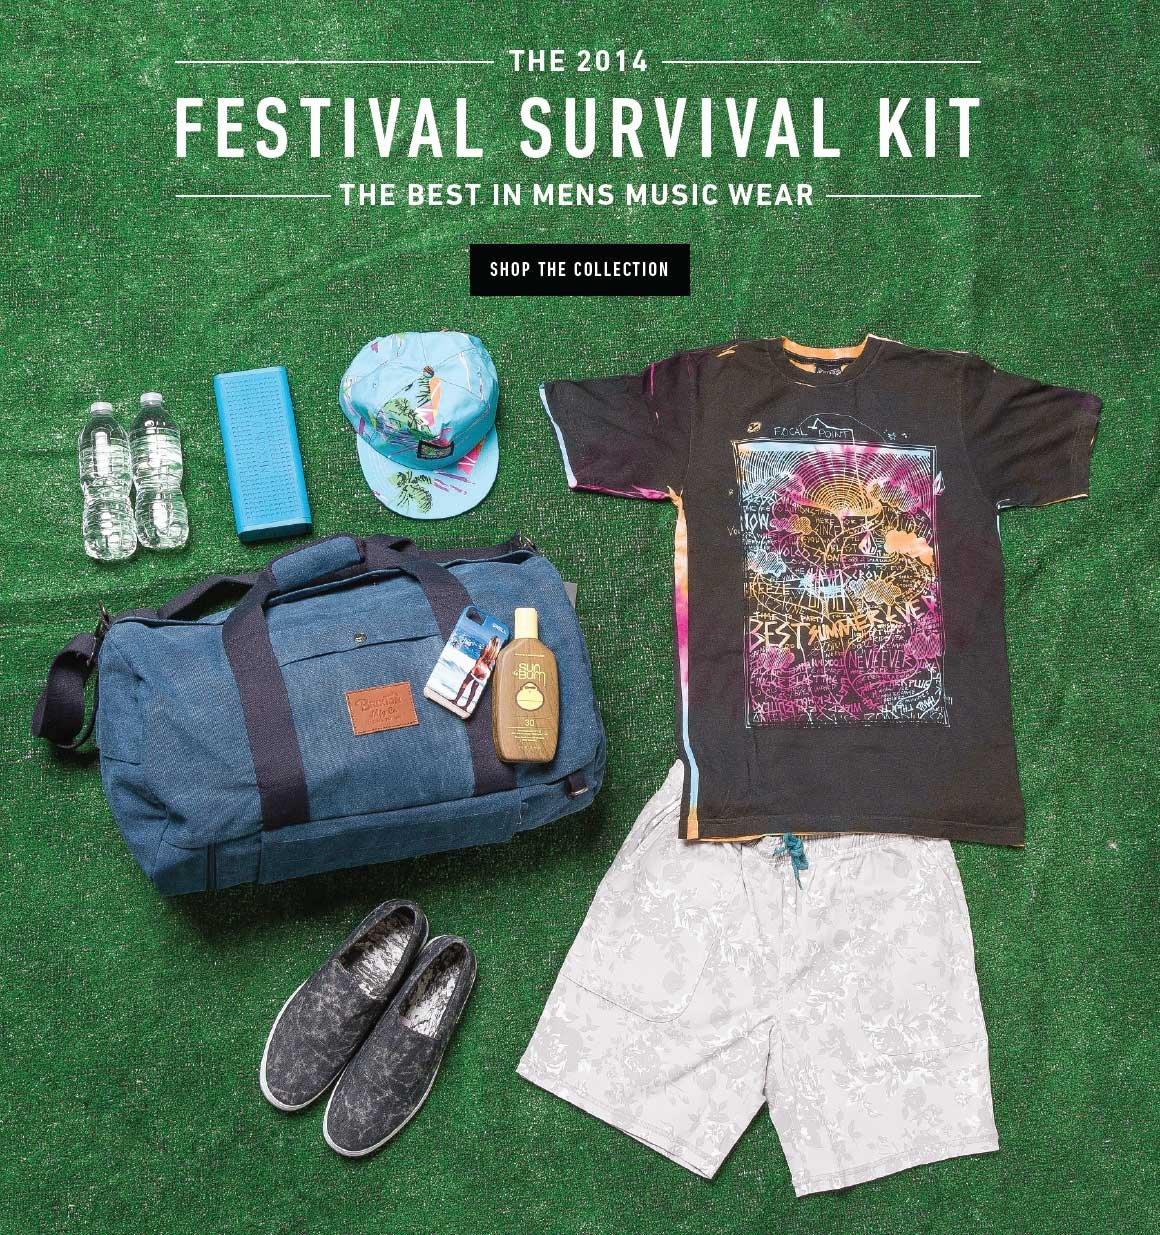 Shop the 2014 Festival Survival Kit